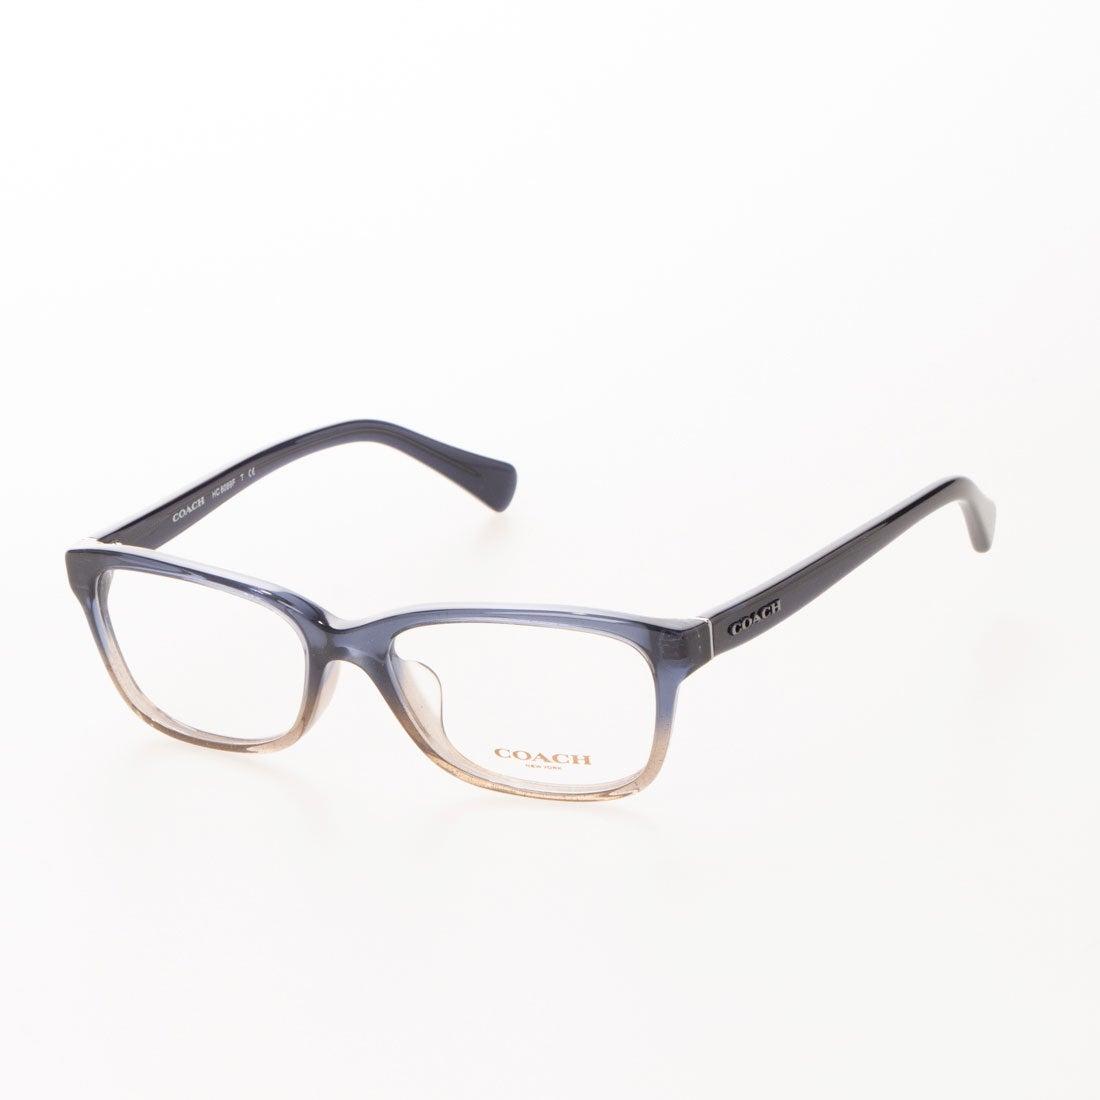 コーチ COACH メガネ 眼鏡 アイウェア レディース メンズ (デニムトープグリッターグラディエント)